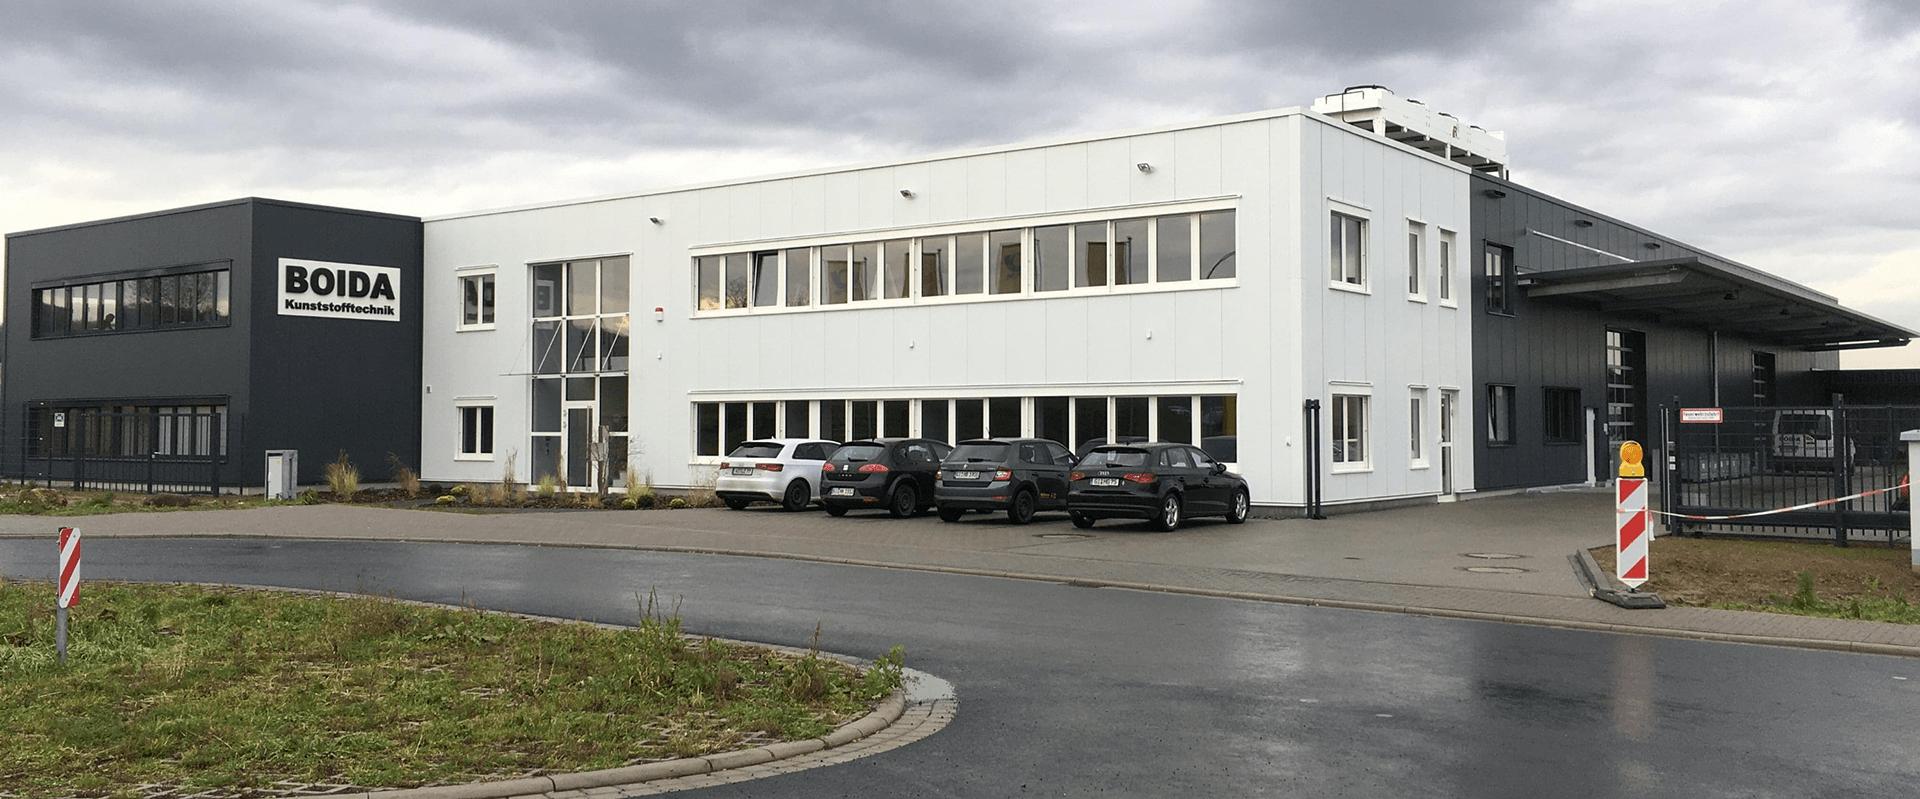 BOIDA Kunststofftechnik GmbH